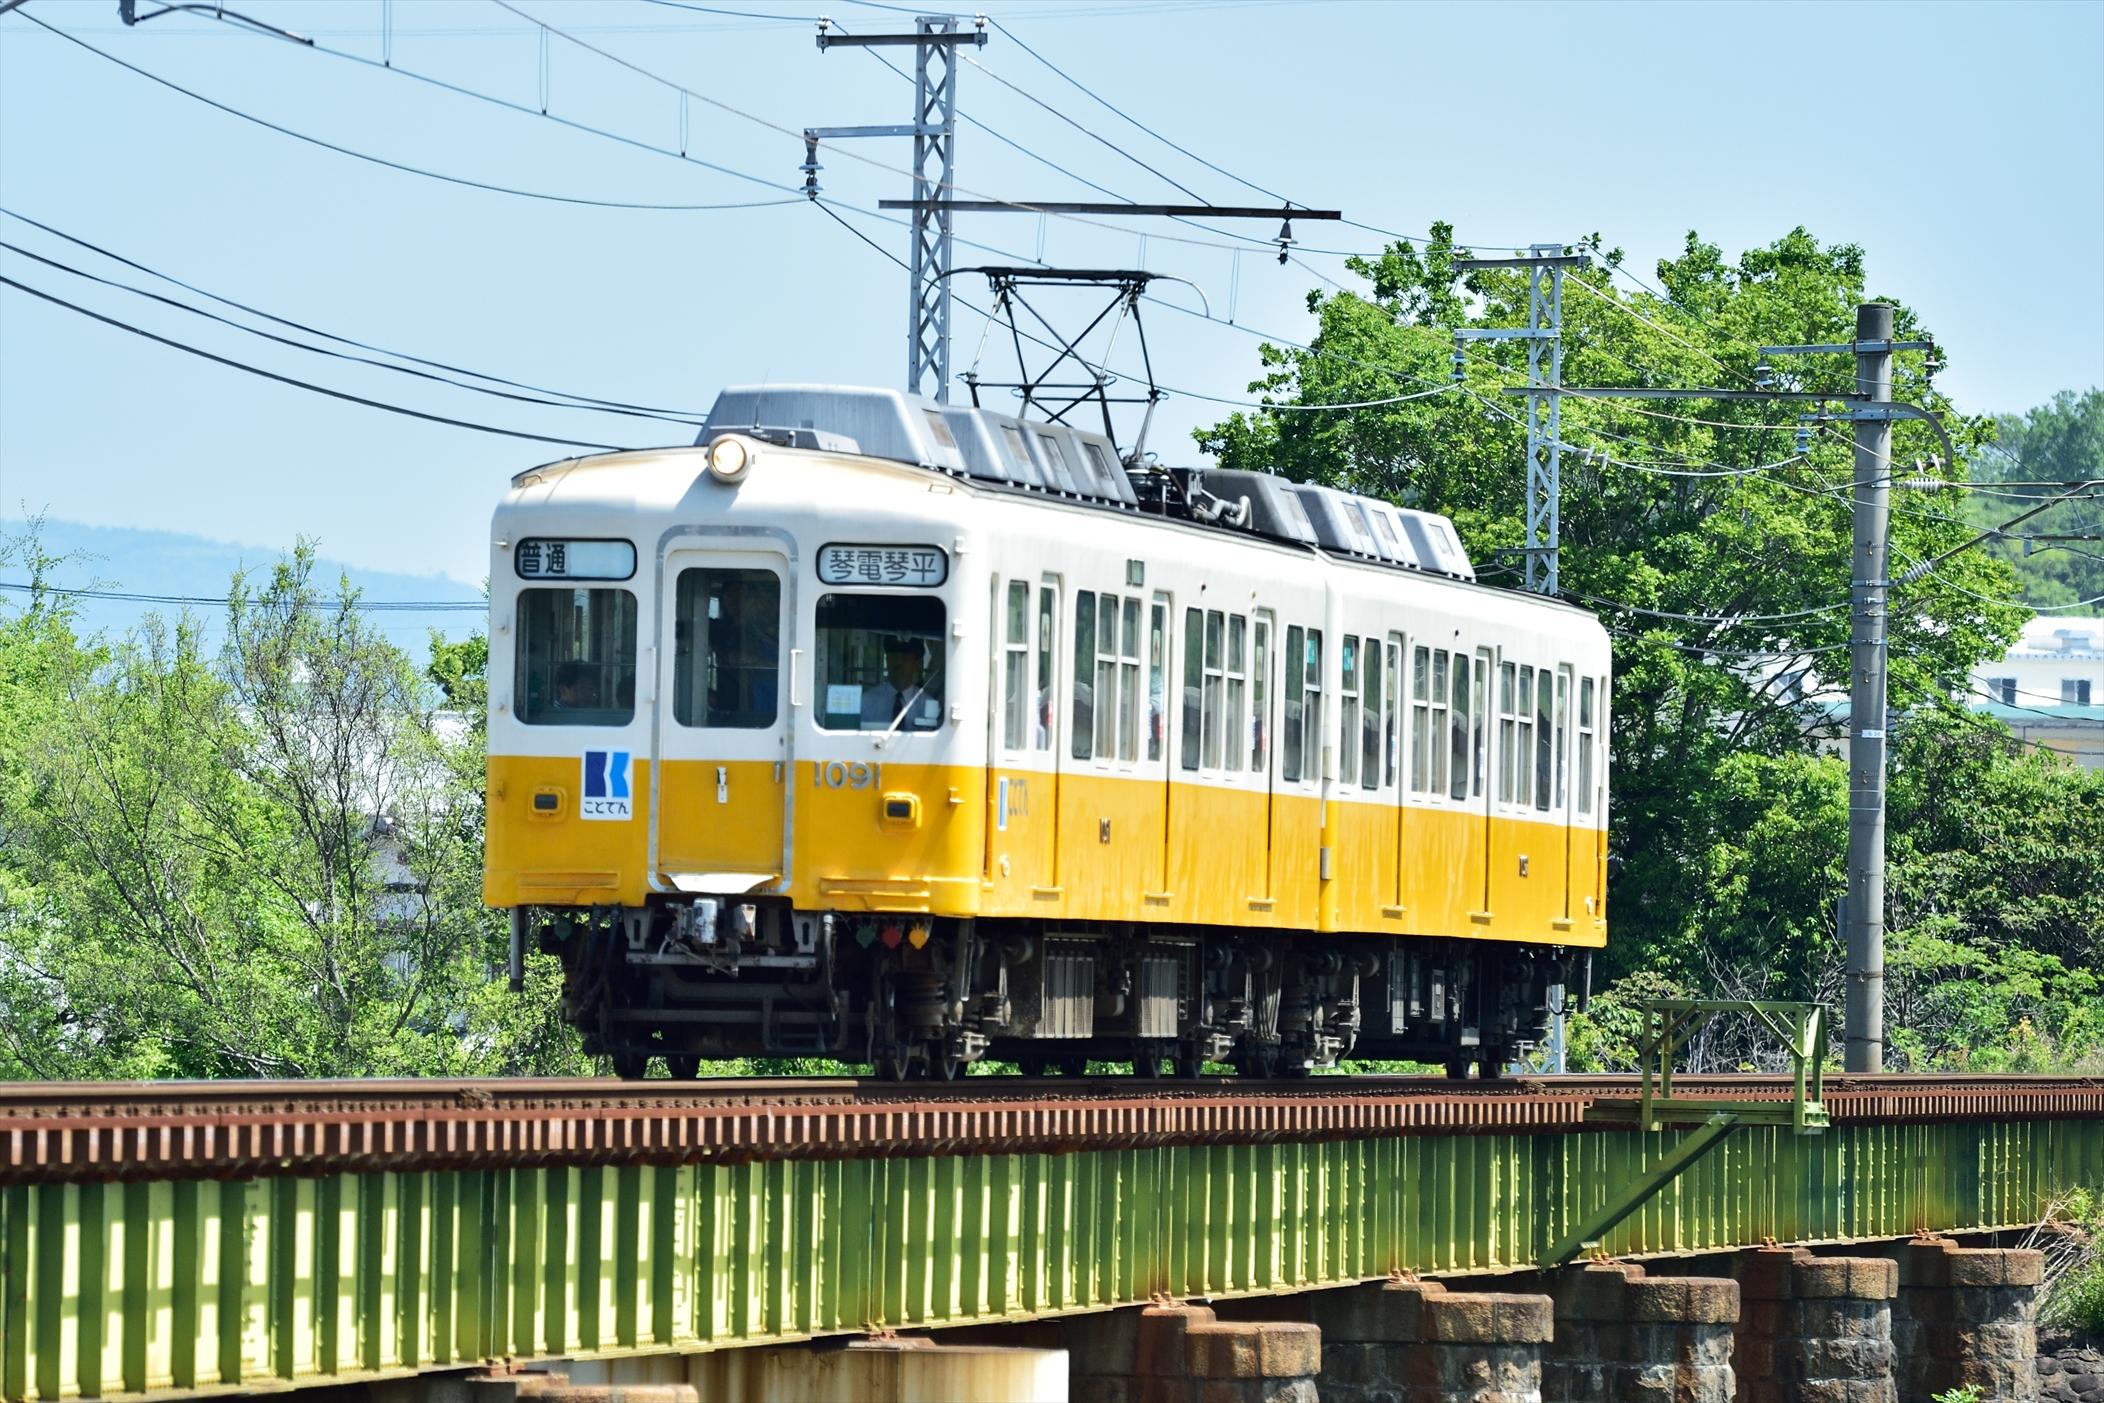 ずんぐりむっくりな電車の壁紙